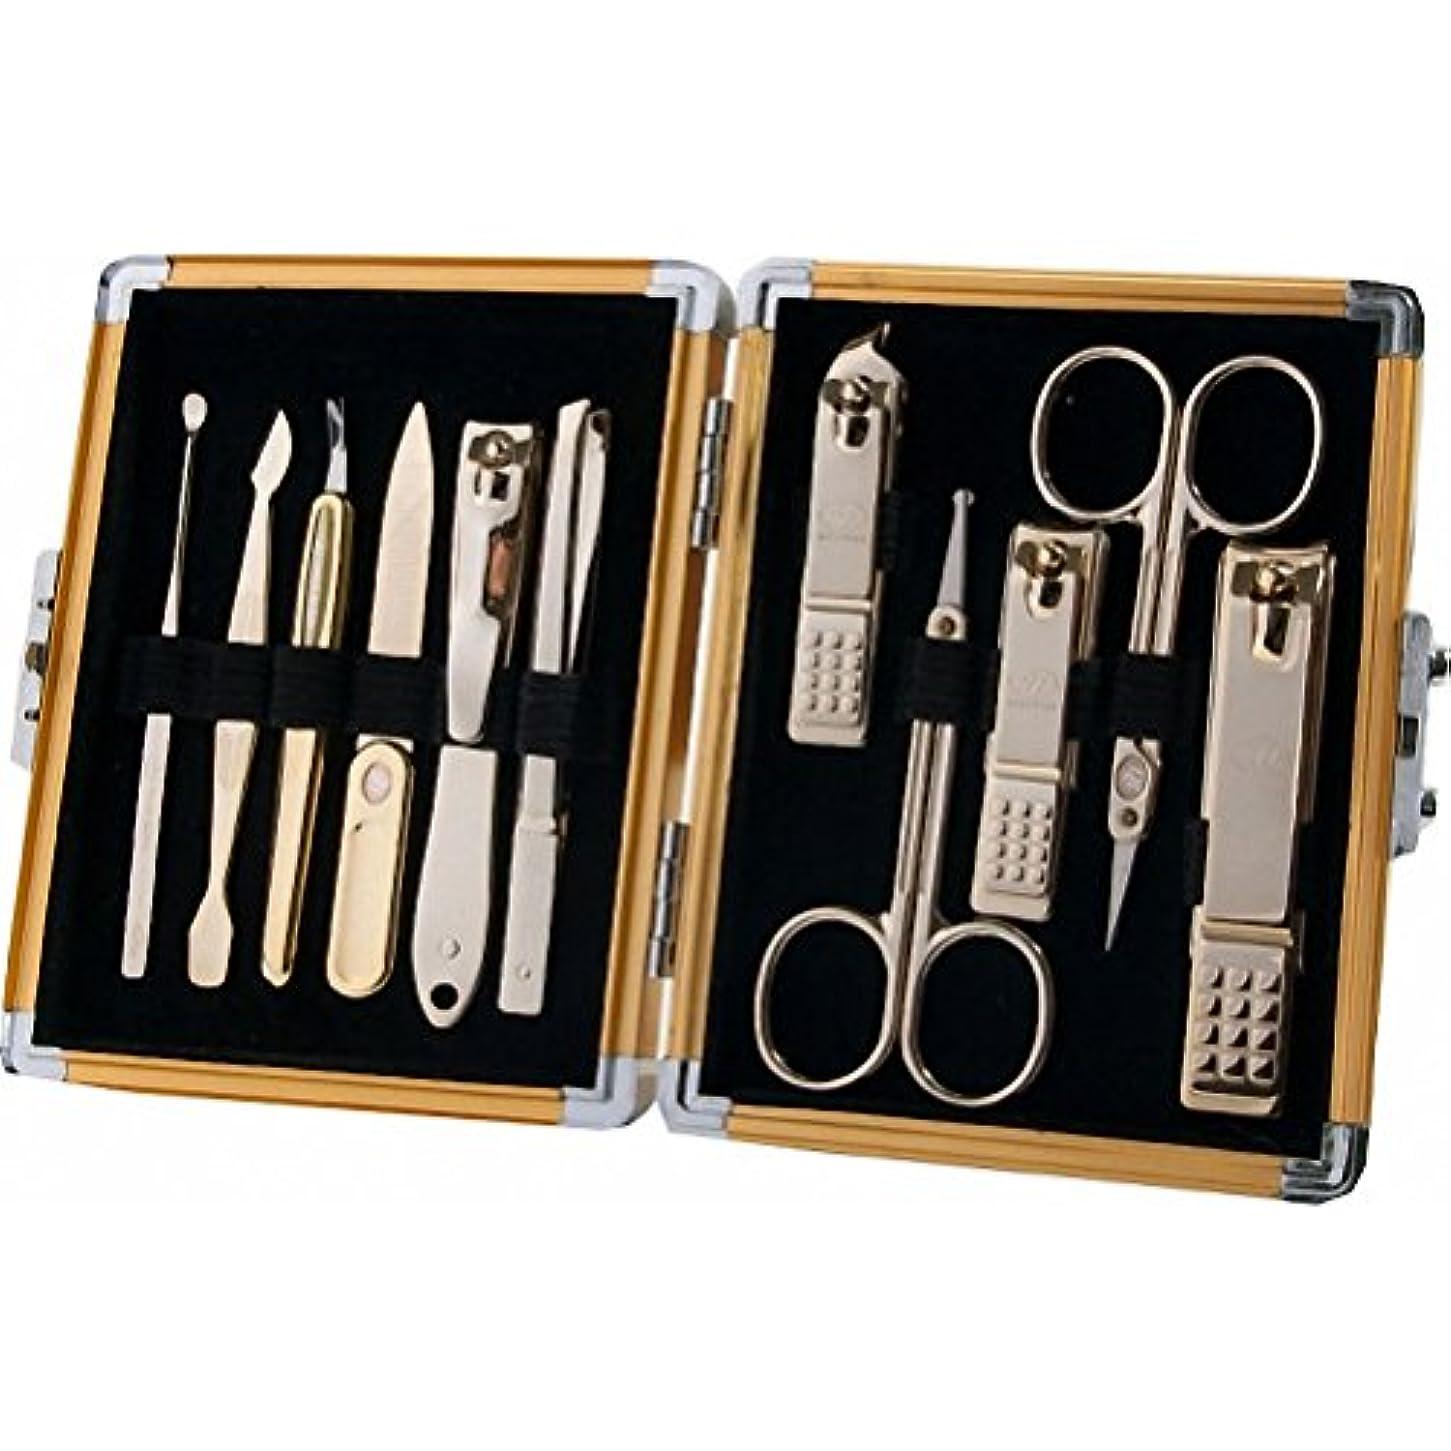 有効化葉巻進化する【 三セブン】THREE SEVEN TS-16000 Manicure Set in Aluminum Case 三セブンアルミケースのTS 16000マニキュア セット (4.Gold_Gold) [並行輸入品]